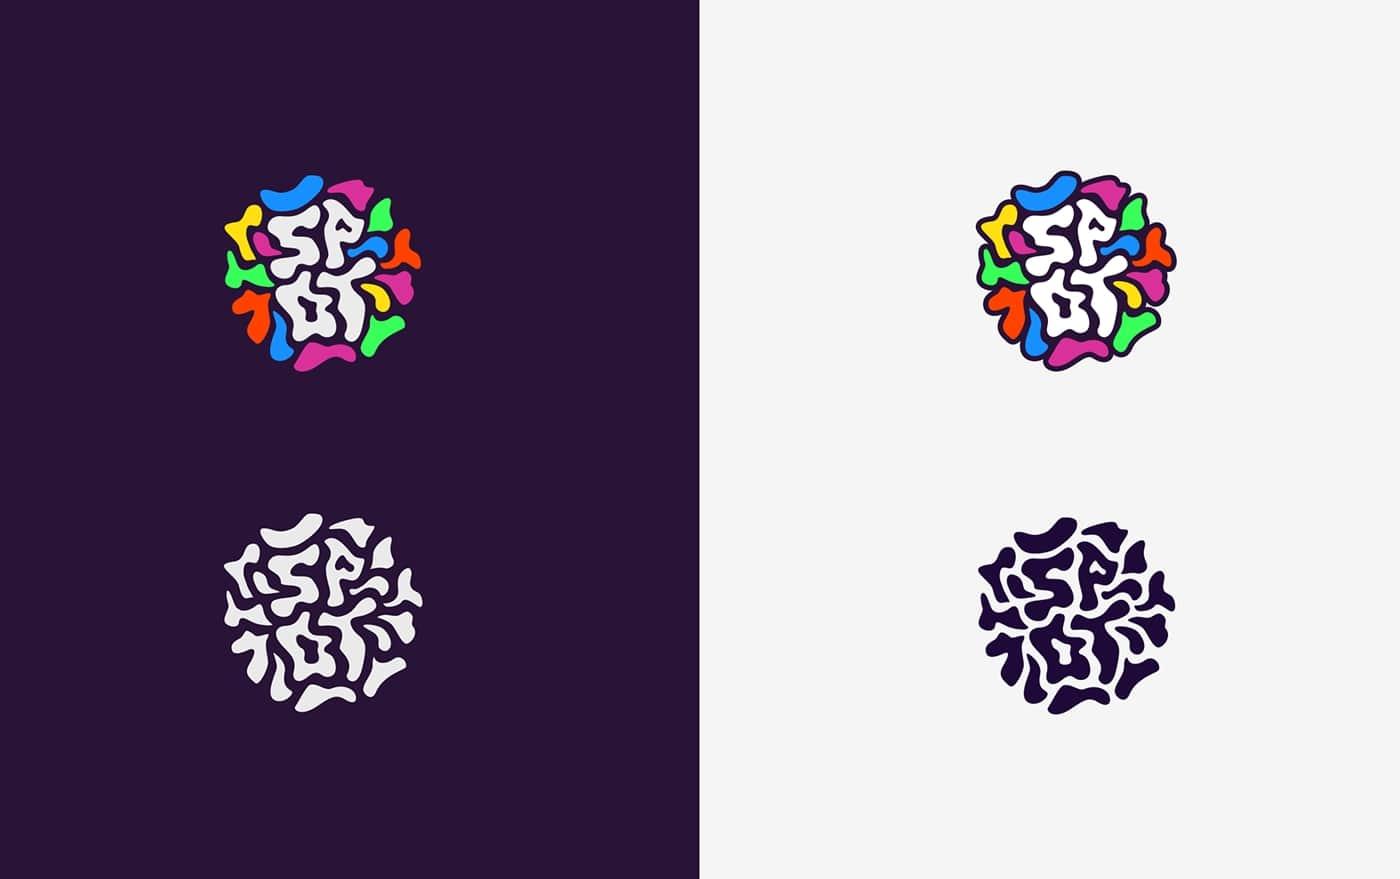 ビストロのカラフルなロゴ